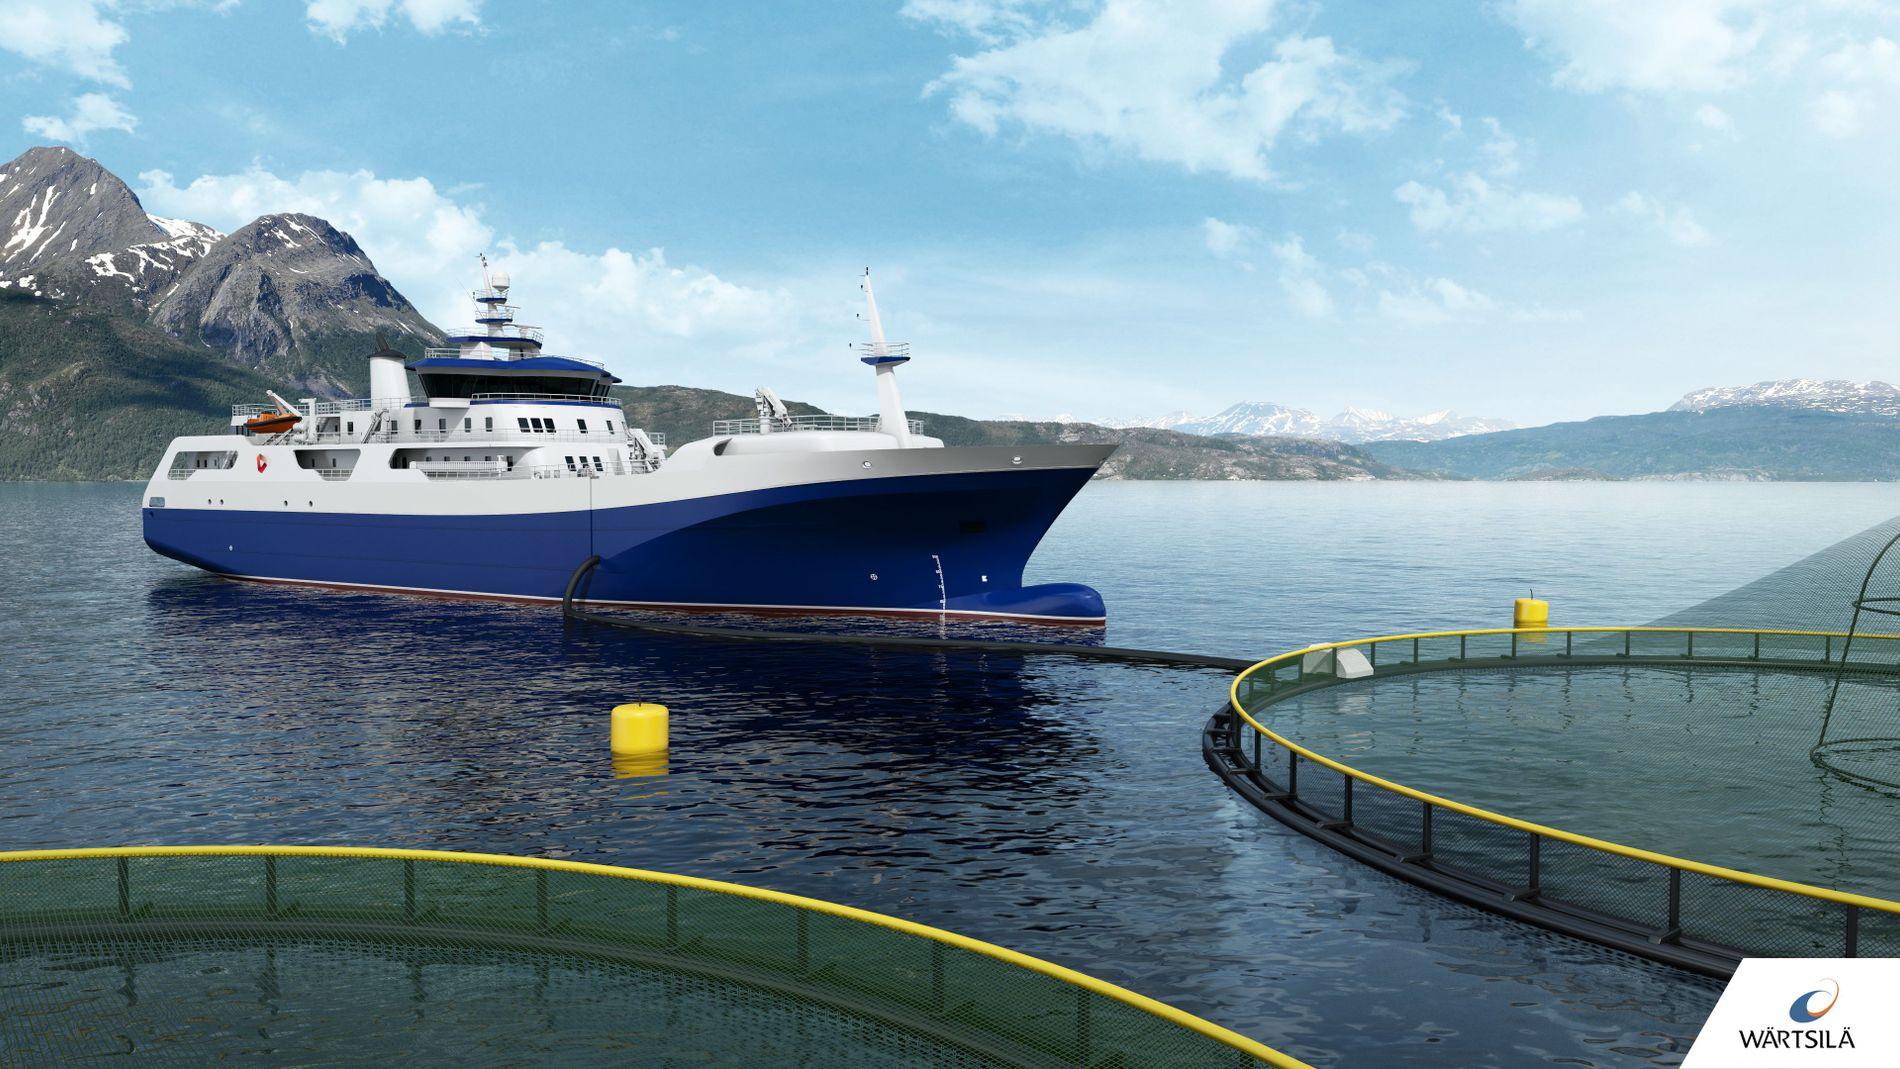 DIREKTE RUTE: Hav Line driver slaktebåten «Norwegian Gannet», som frakter laksen direkte fra merdene i Norge til Danmark. Der pakkes og sendes den ut i markedene. Bløgging og sløying skjer om bord på båten, skriver innsender.